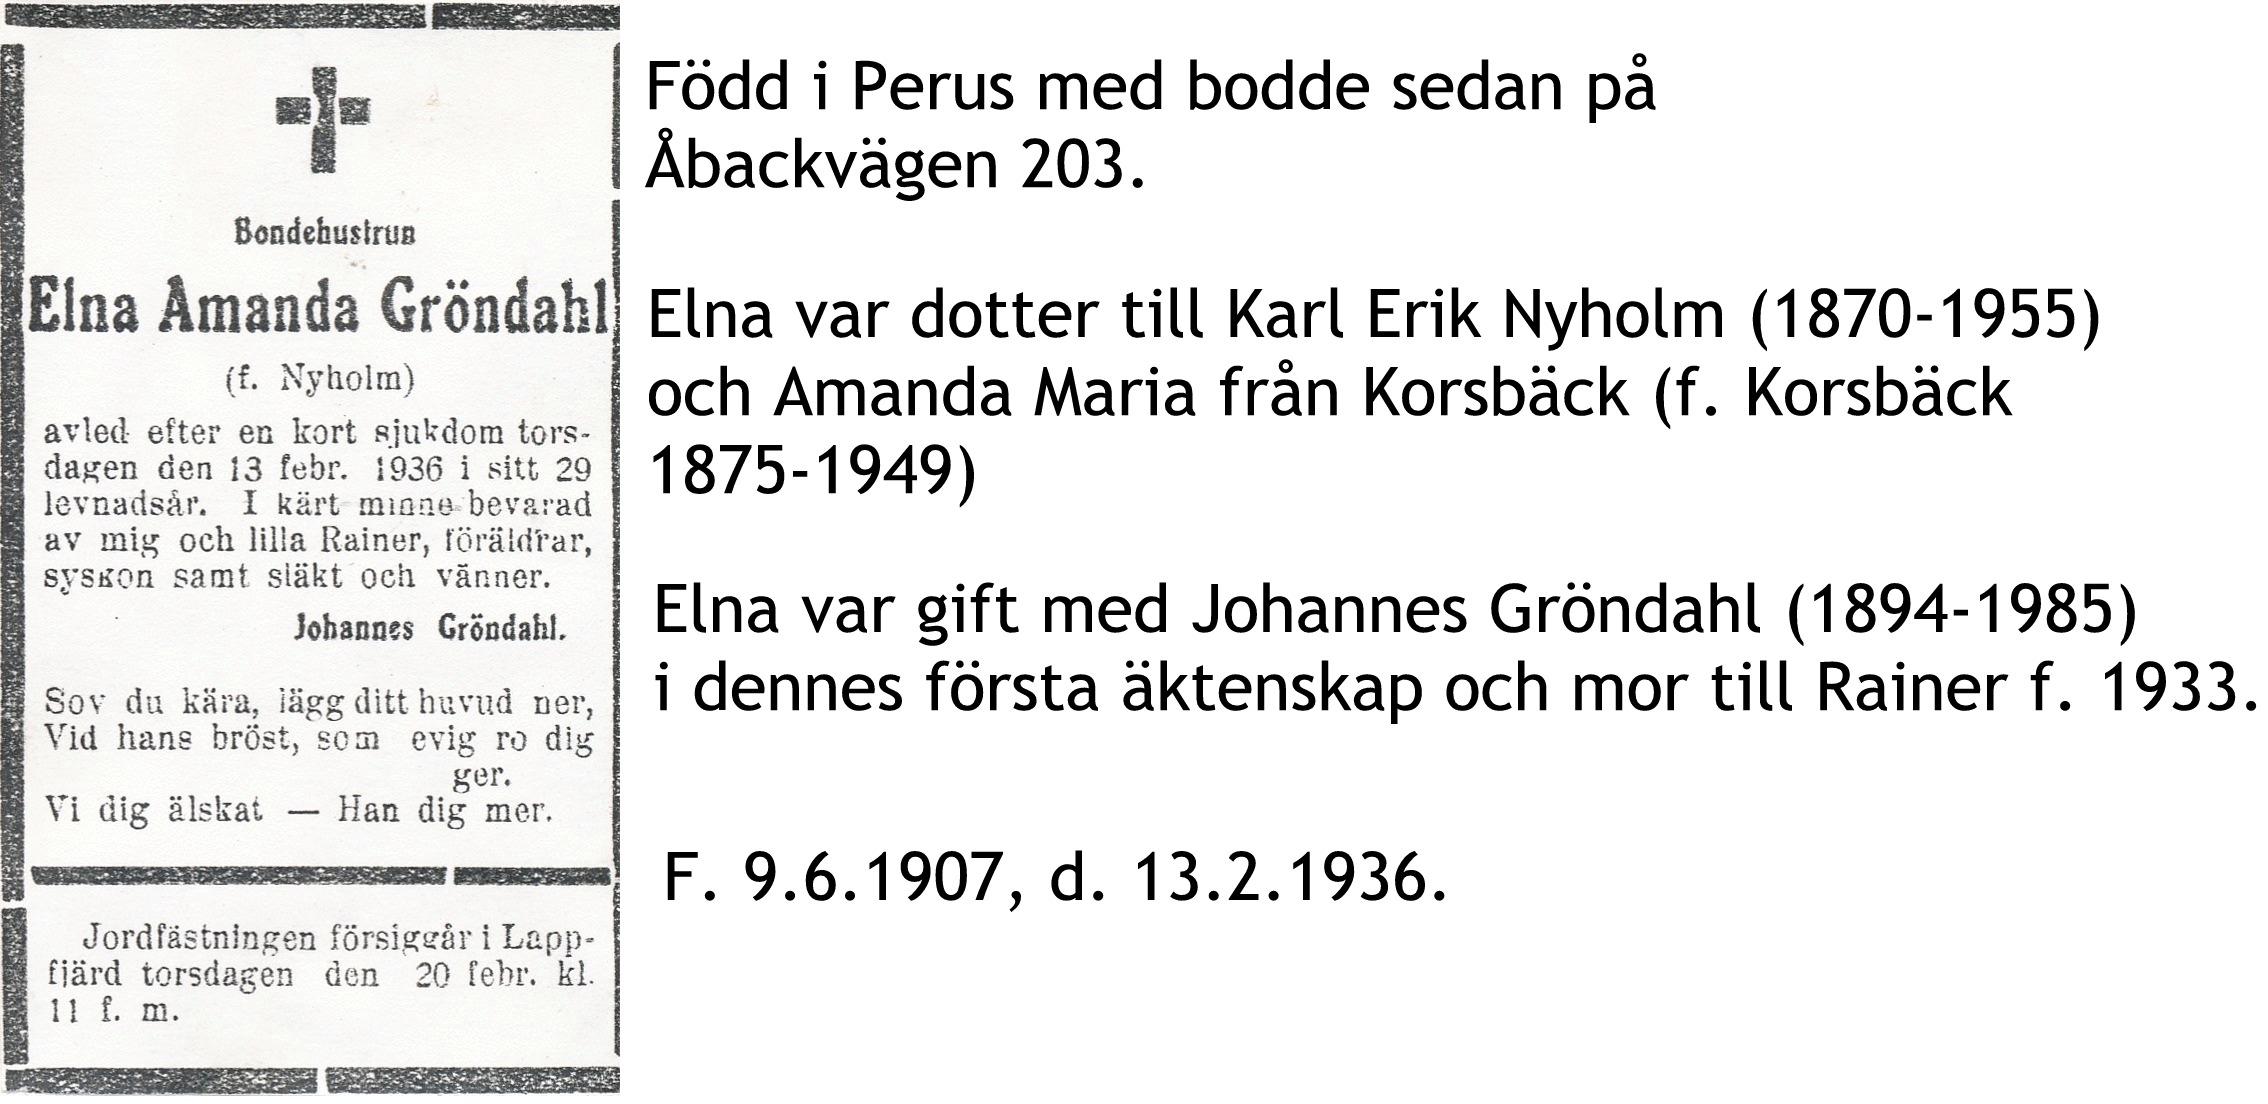 Gröndahl Elna Amanda